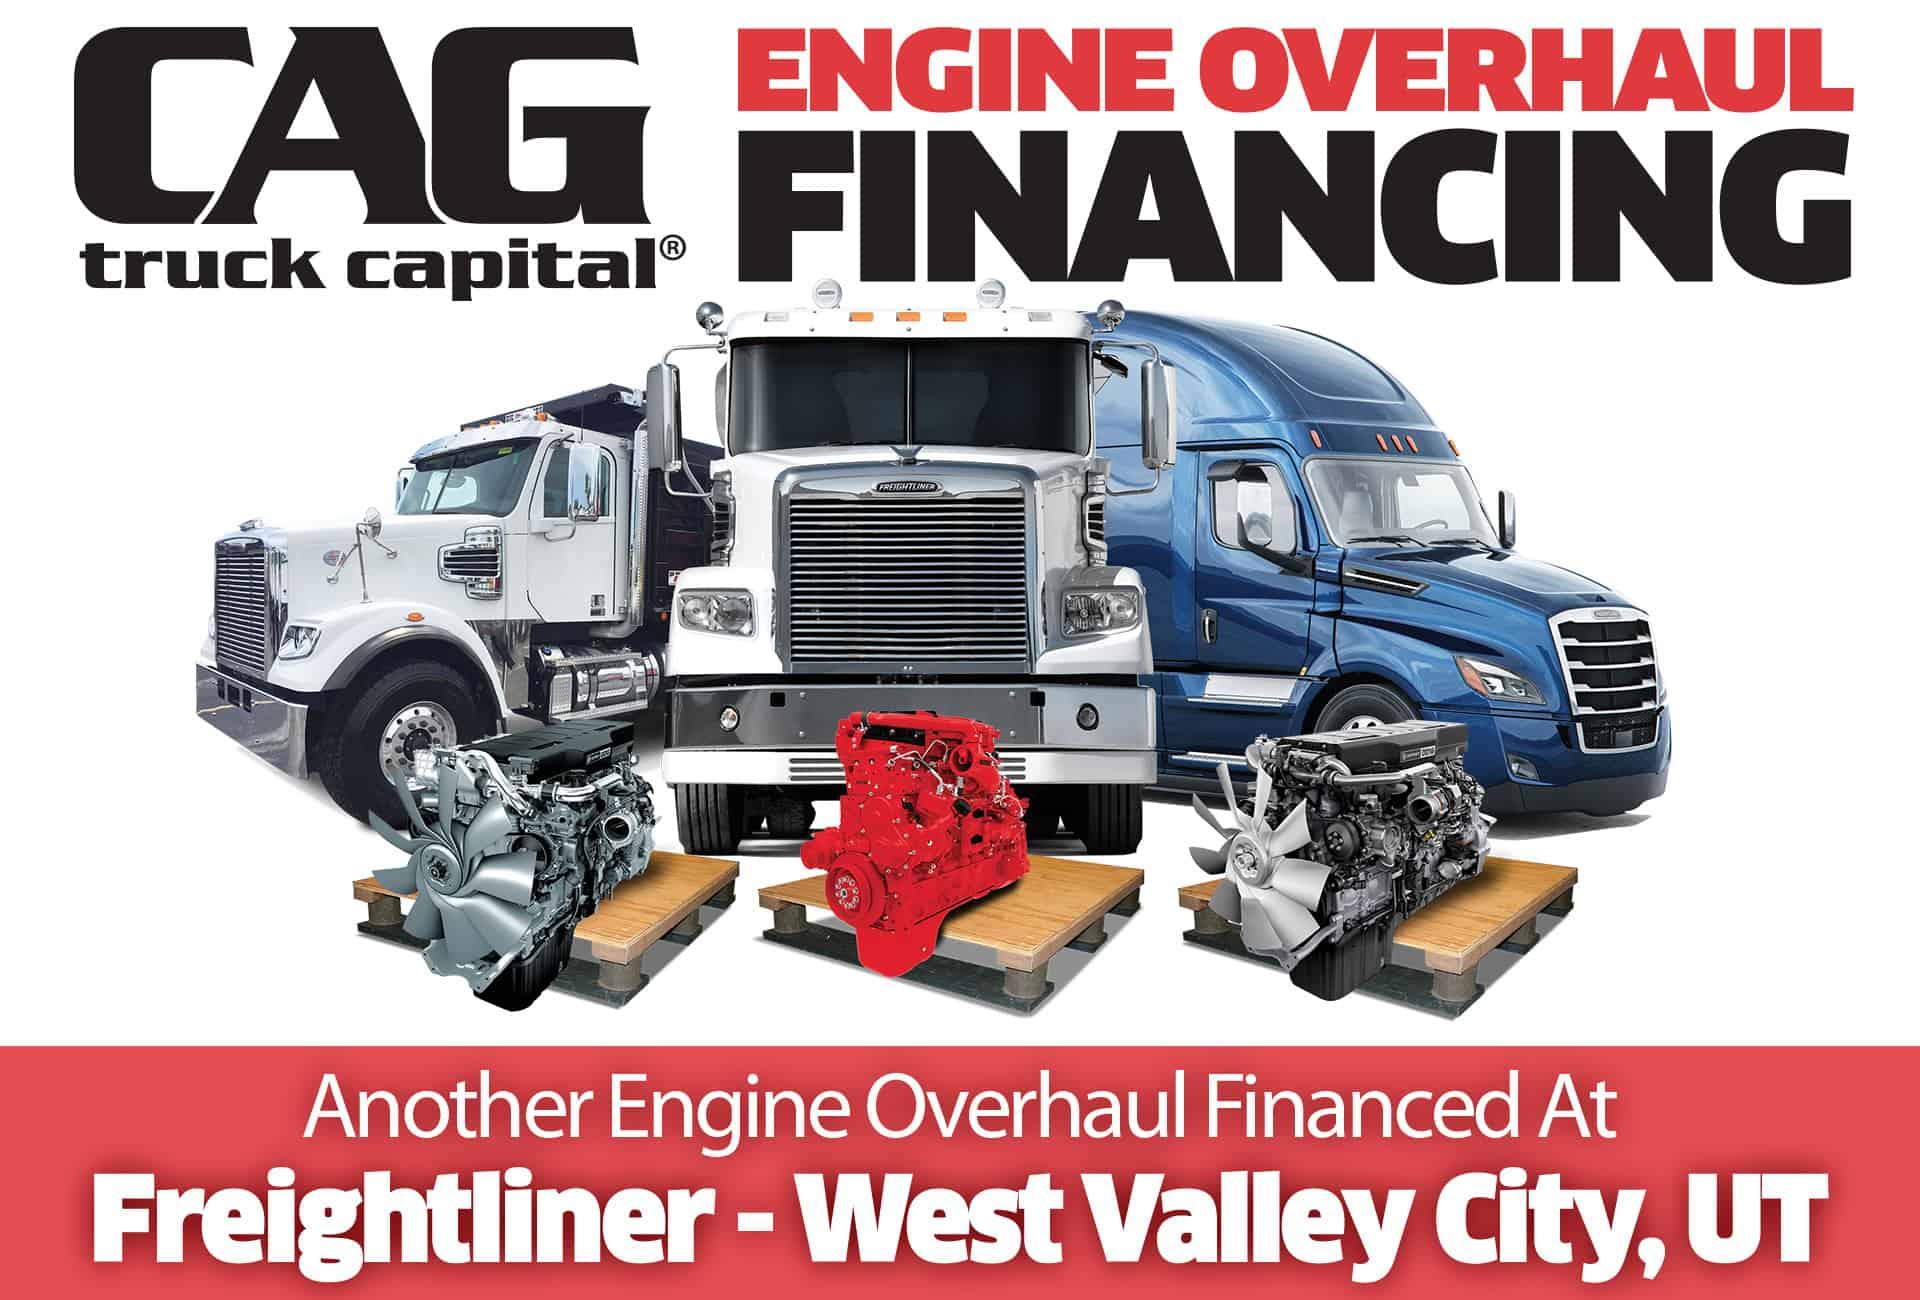 Freightliner Engine Overhauls In West Valley City, UT